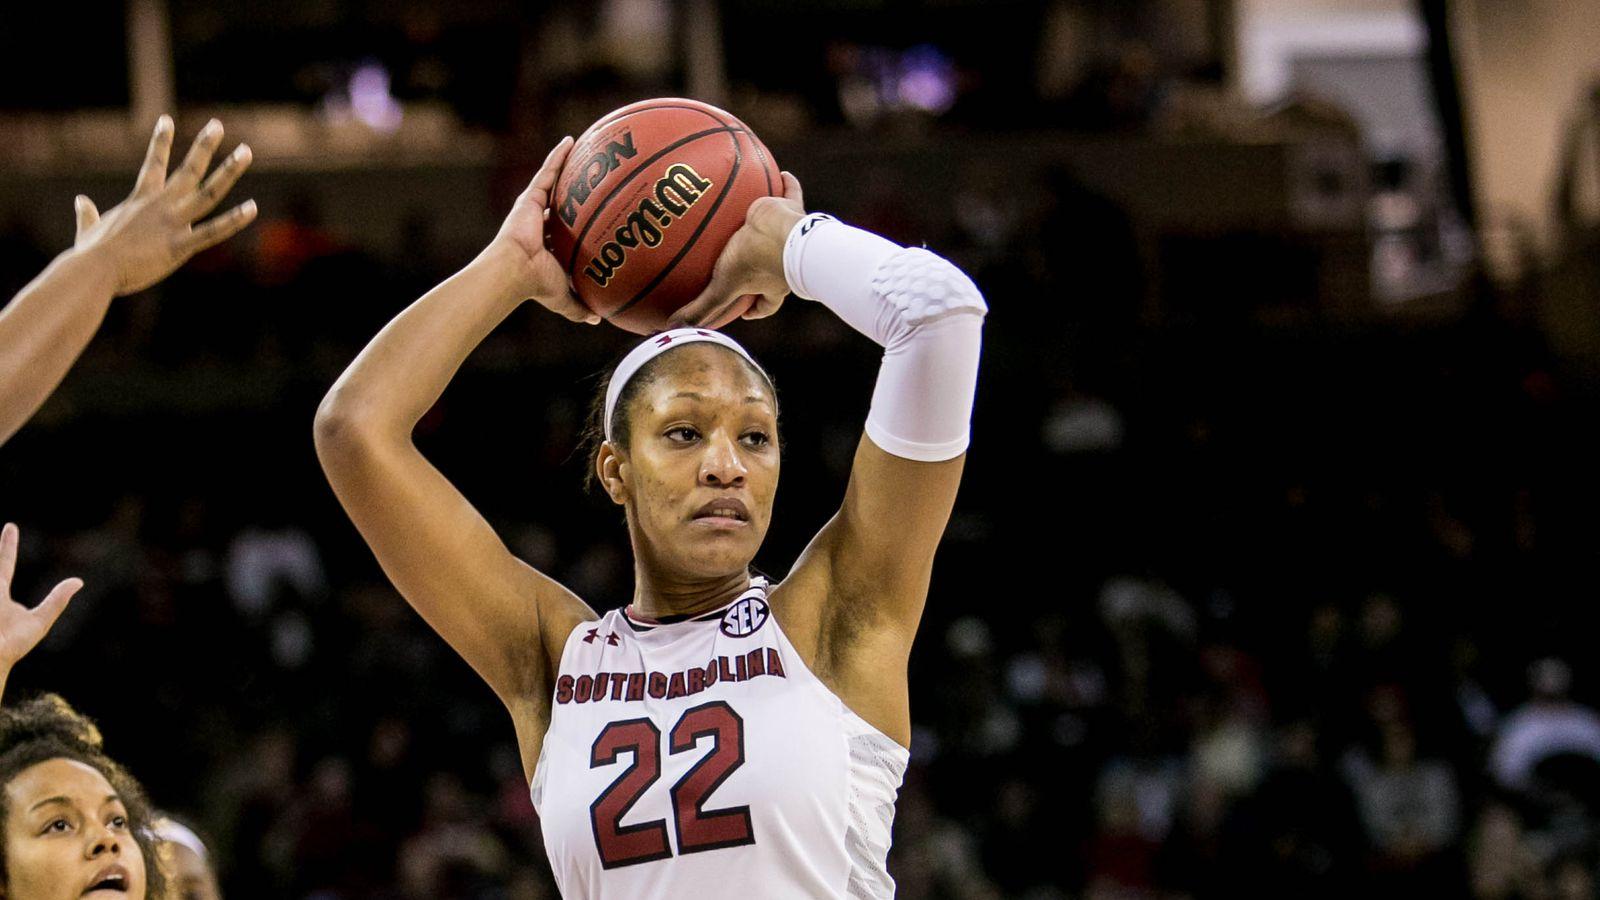 South Carolina Women's Basketball: #5 Gamecocks down #4 Mississippi St. 64-61 in SEC thriller